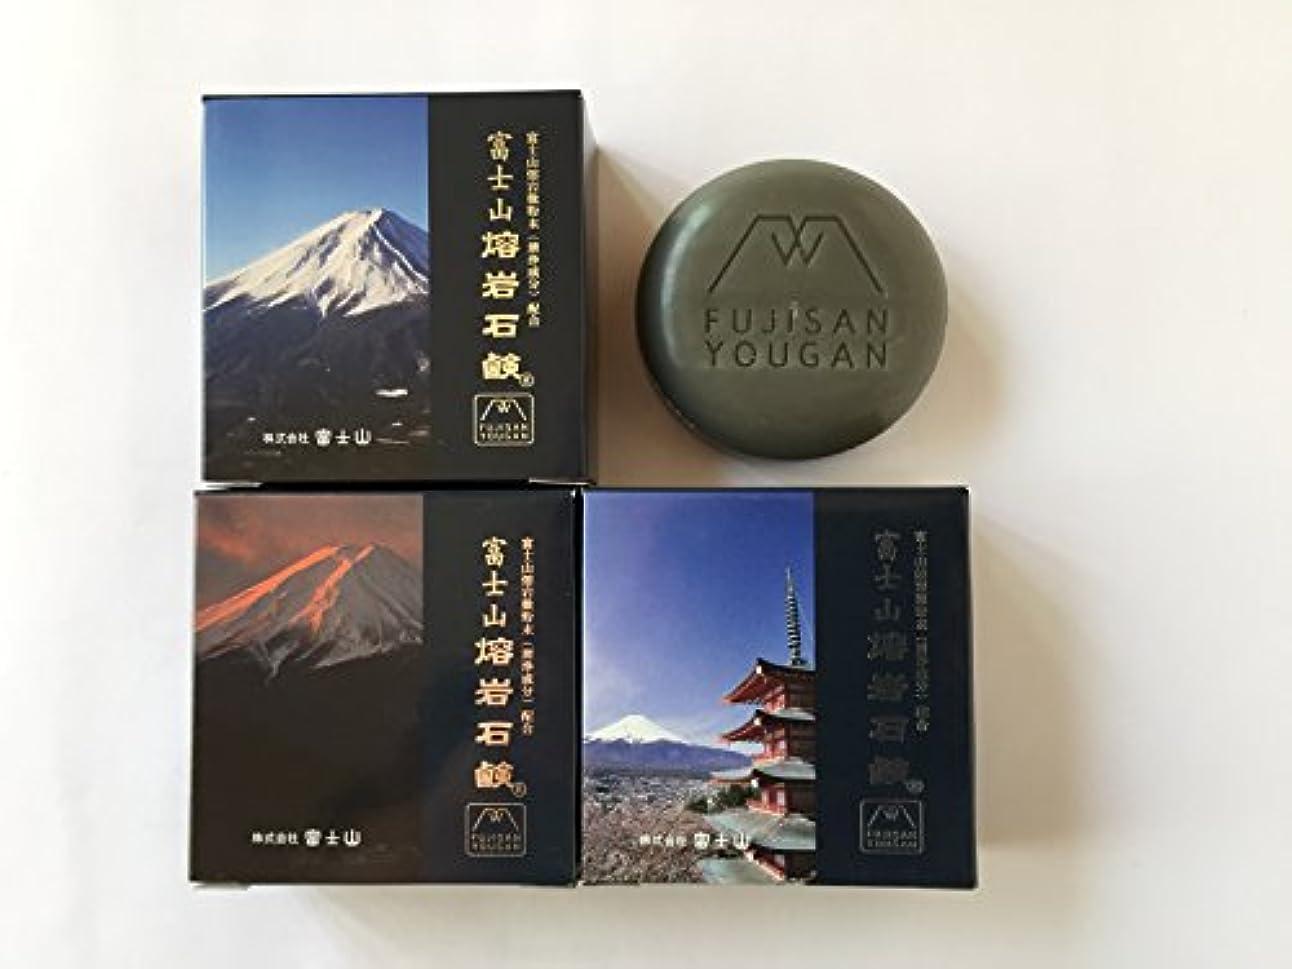 平和的幅比較富士山溶岩石鹸(富士山写真化粧箱入り)お得用50g/個3種セット×2組(6個)